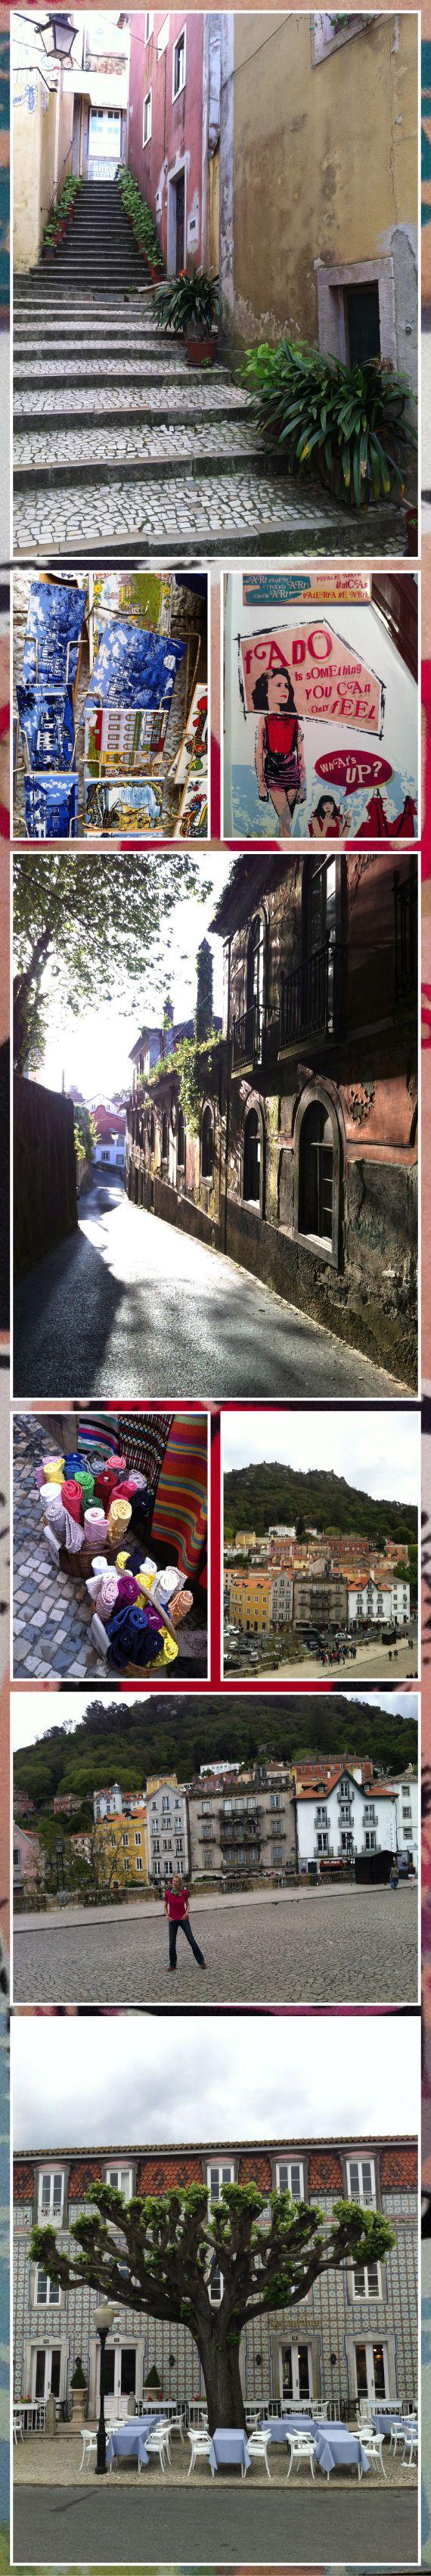 Sintra un destino rom ntico via el blog de maria le n durante estos d as he - Que hay en portugal ...